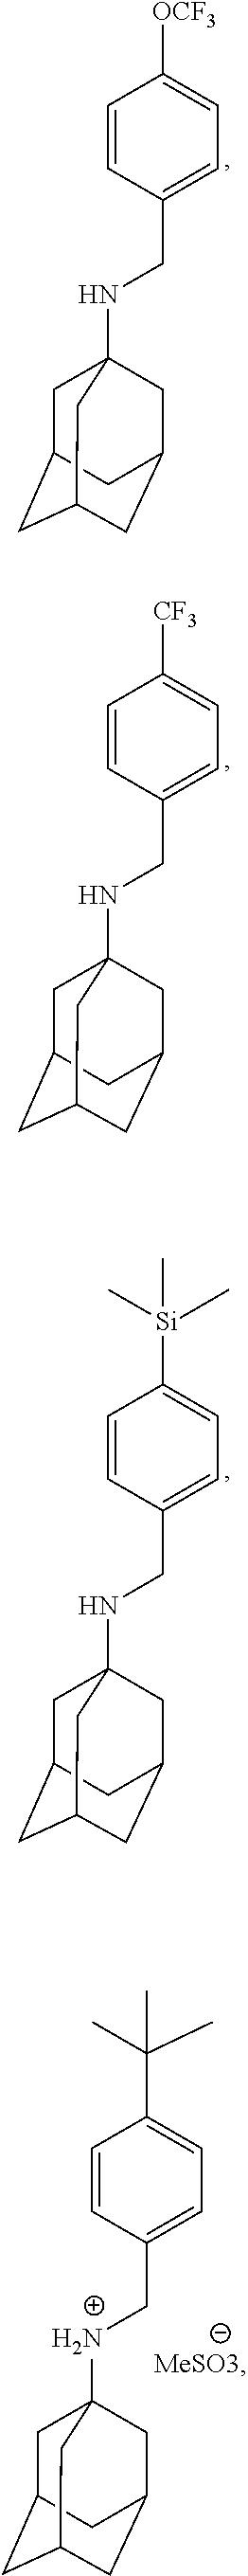 Figure US09884832-20180206-C00128